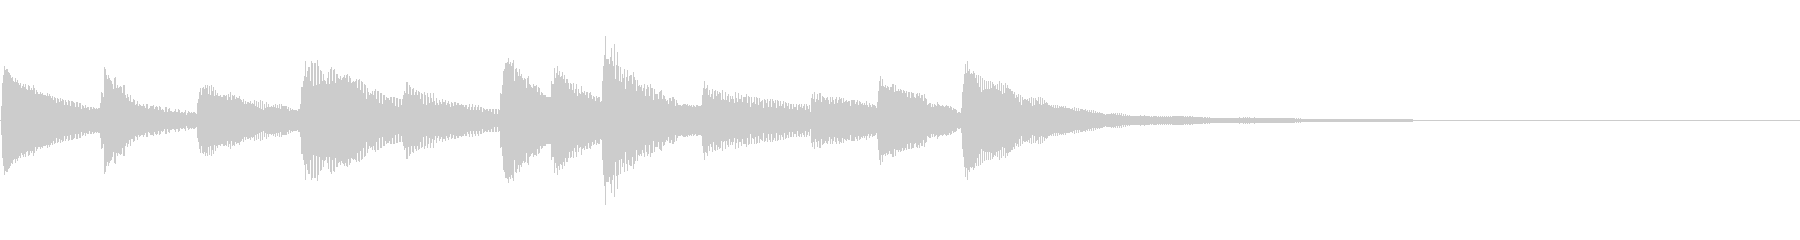 悲しくてきれいなピアノのジングル22の未再生の波形